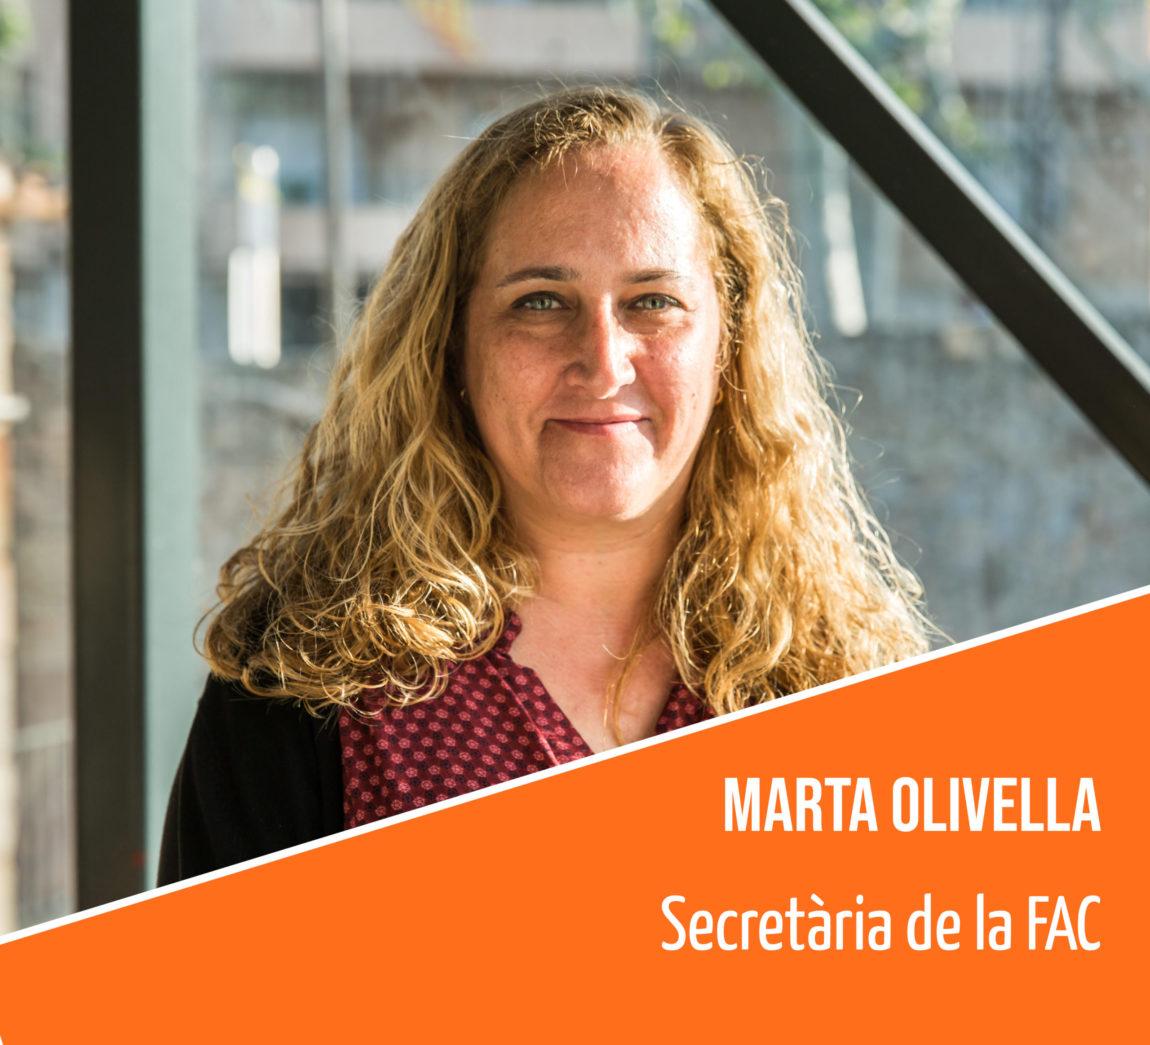 Coneix l'equip humà de la FAC: Marta Olivella, secretària